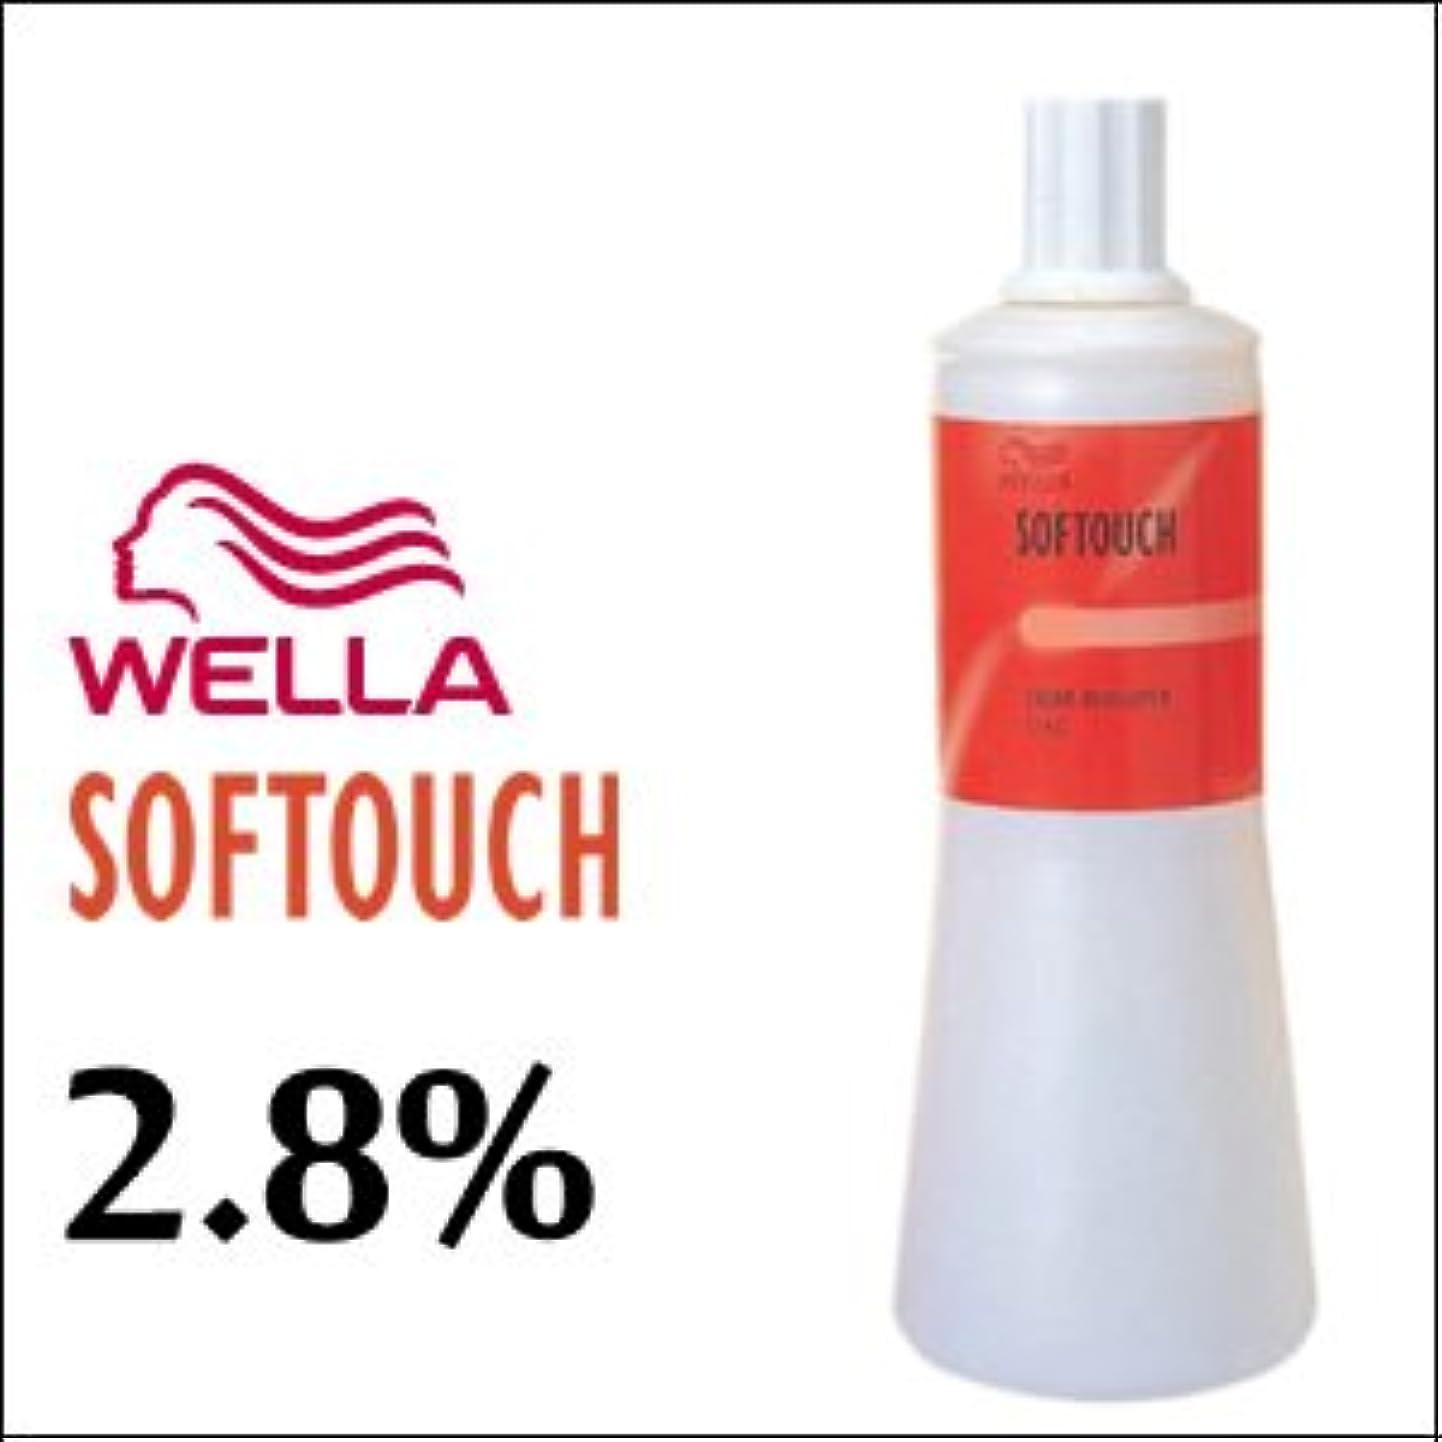 特徴づける不従順そのようなウエラ ヘアカラー ソフタッチ クリームディベロッパー 2.8% 1L